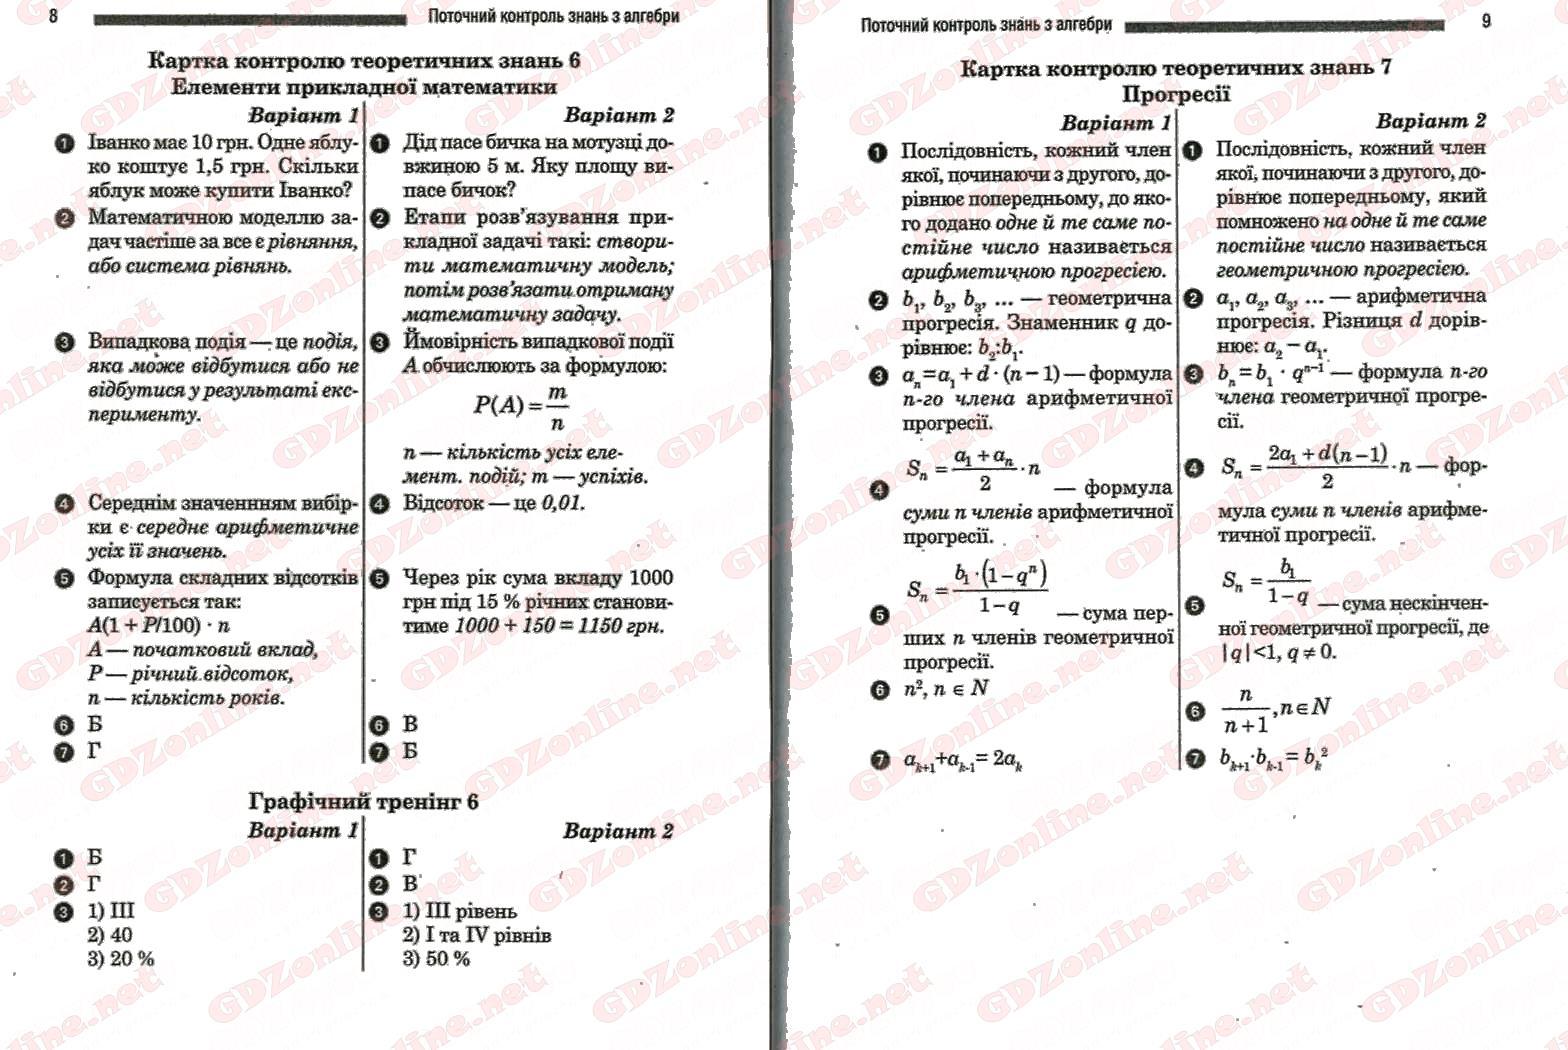 Стадник комплексная тетрадь алгебра 9 класс онлайн